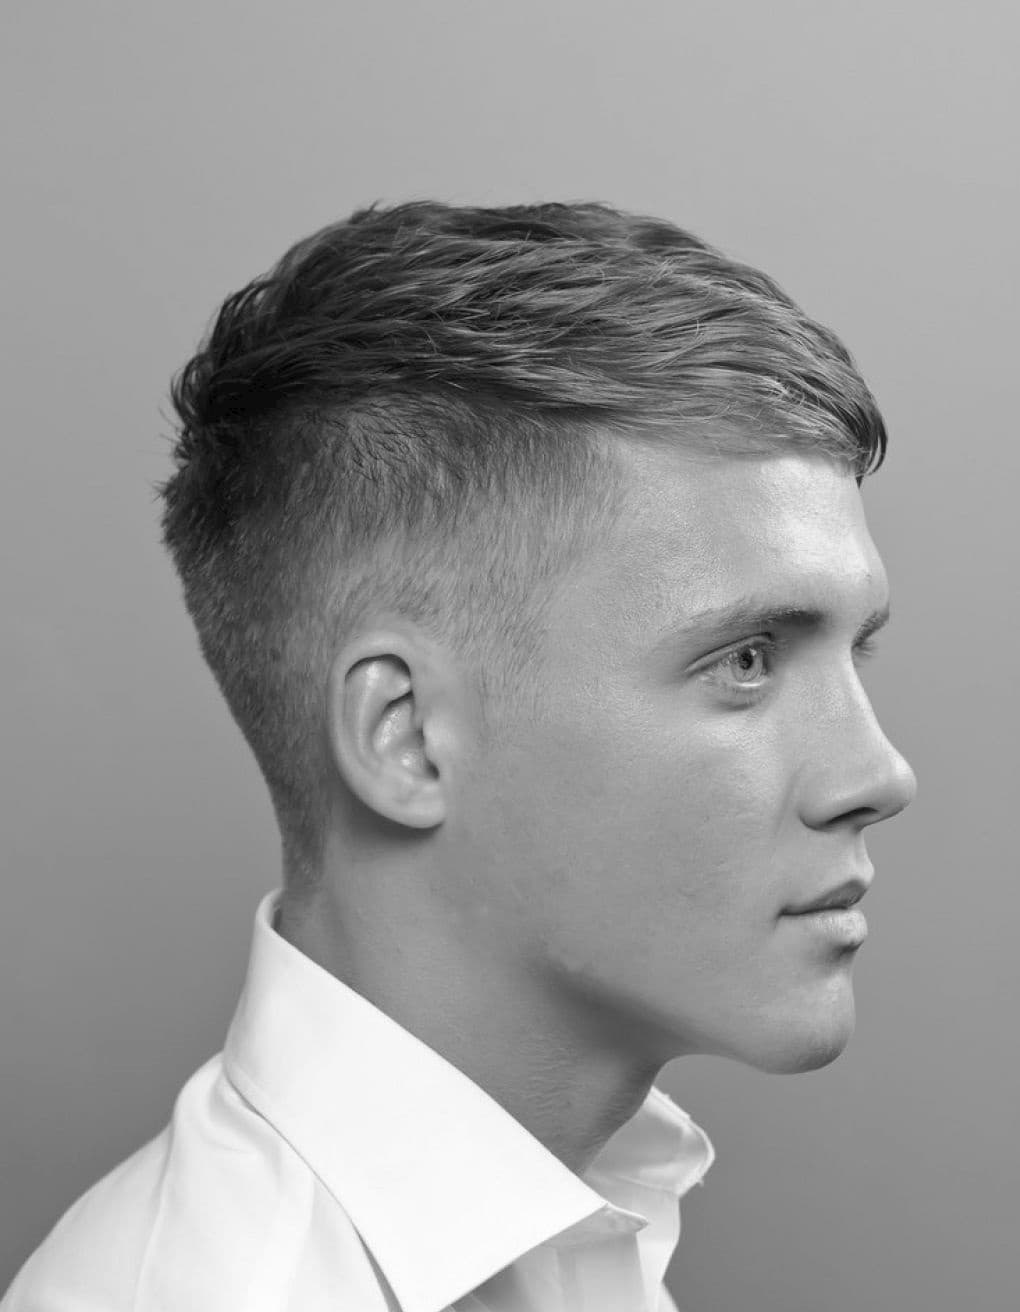 Весь массив волос также можно зачесывать влево или вправо